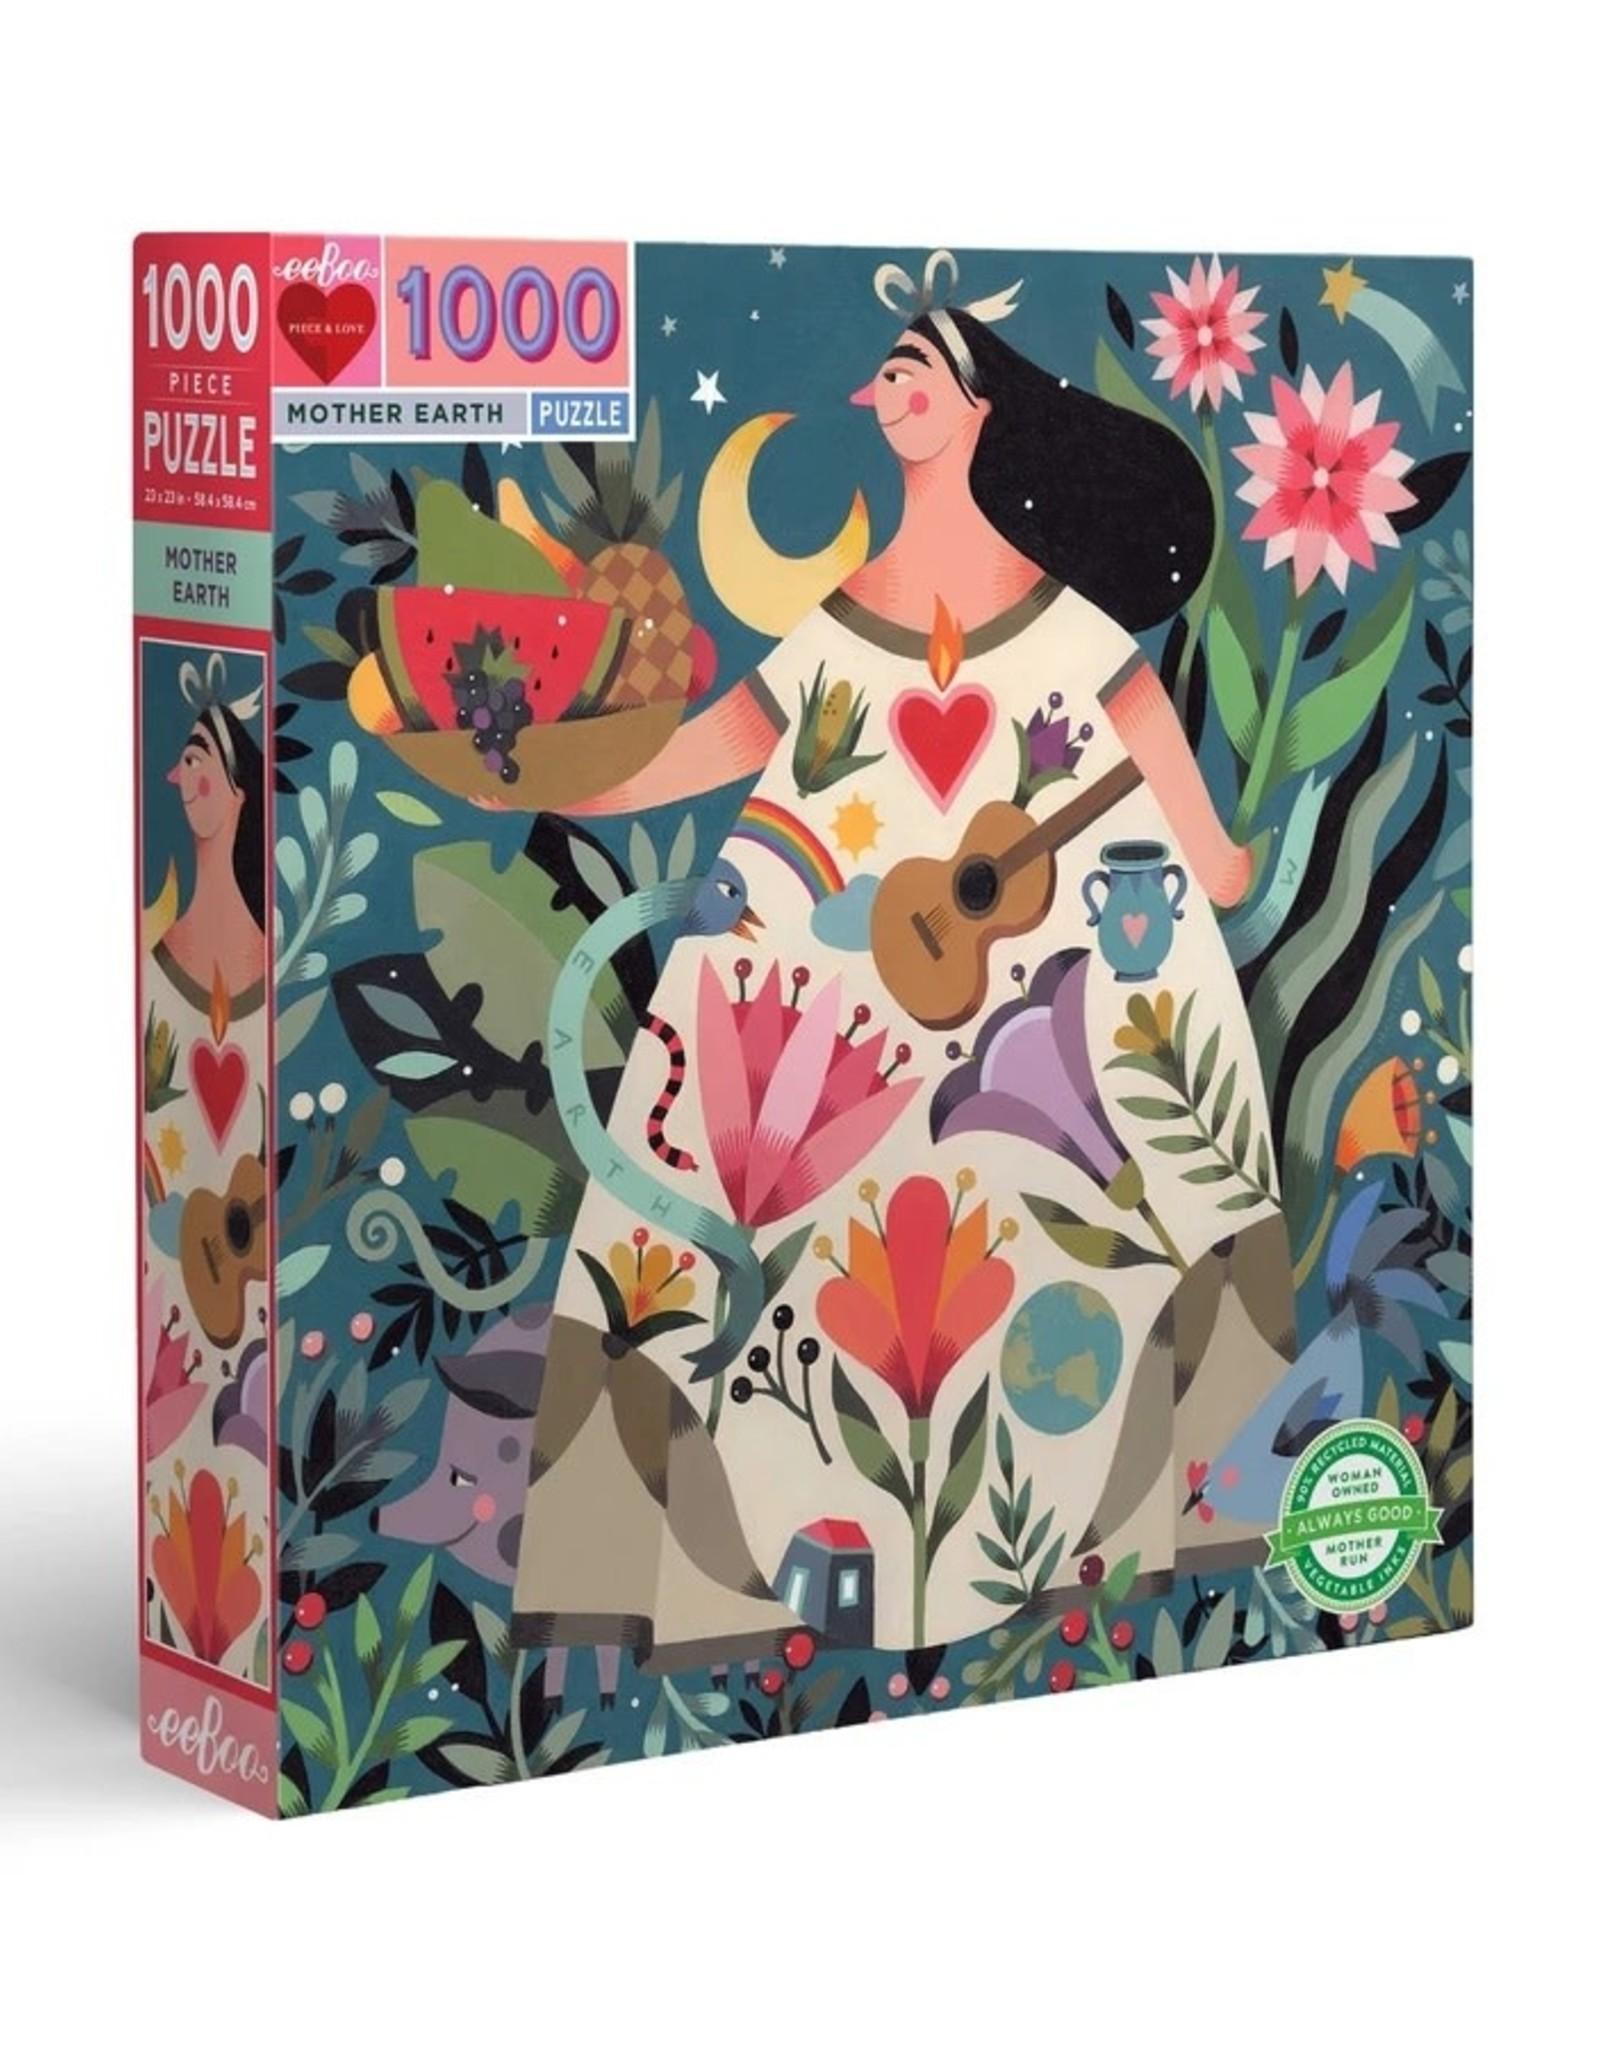 Eeboo Mother Earth 1000 Piece Puzzle